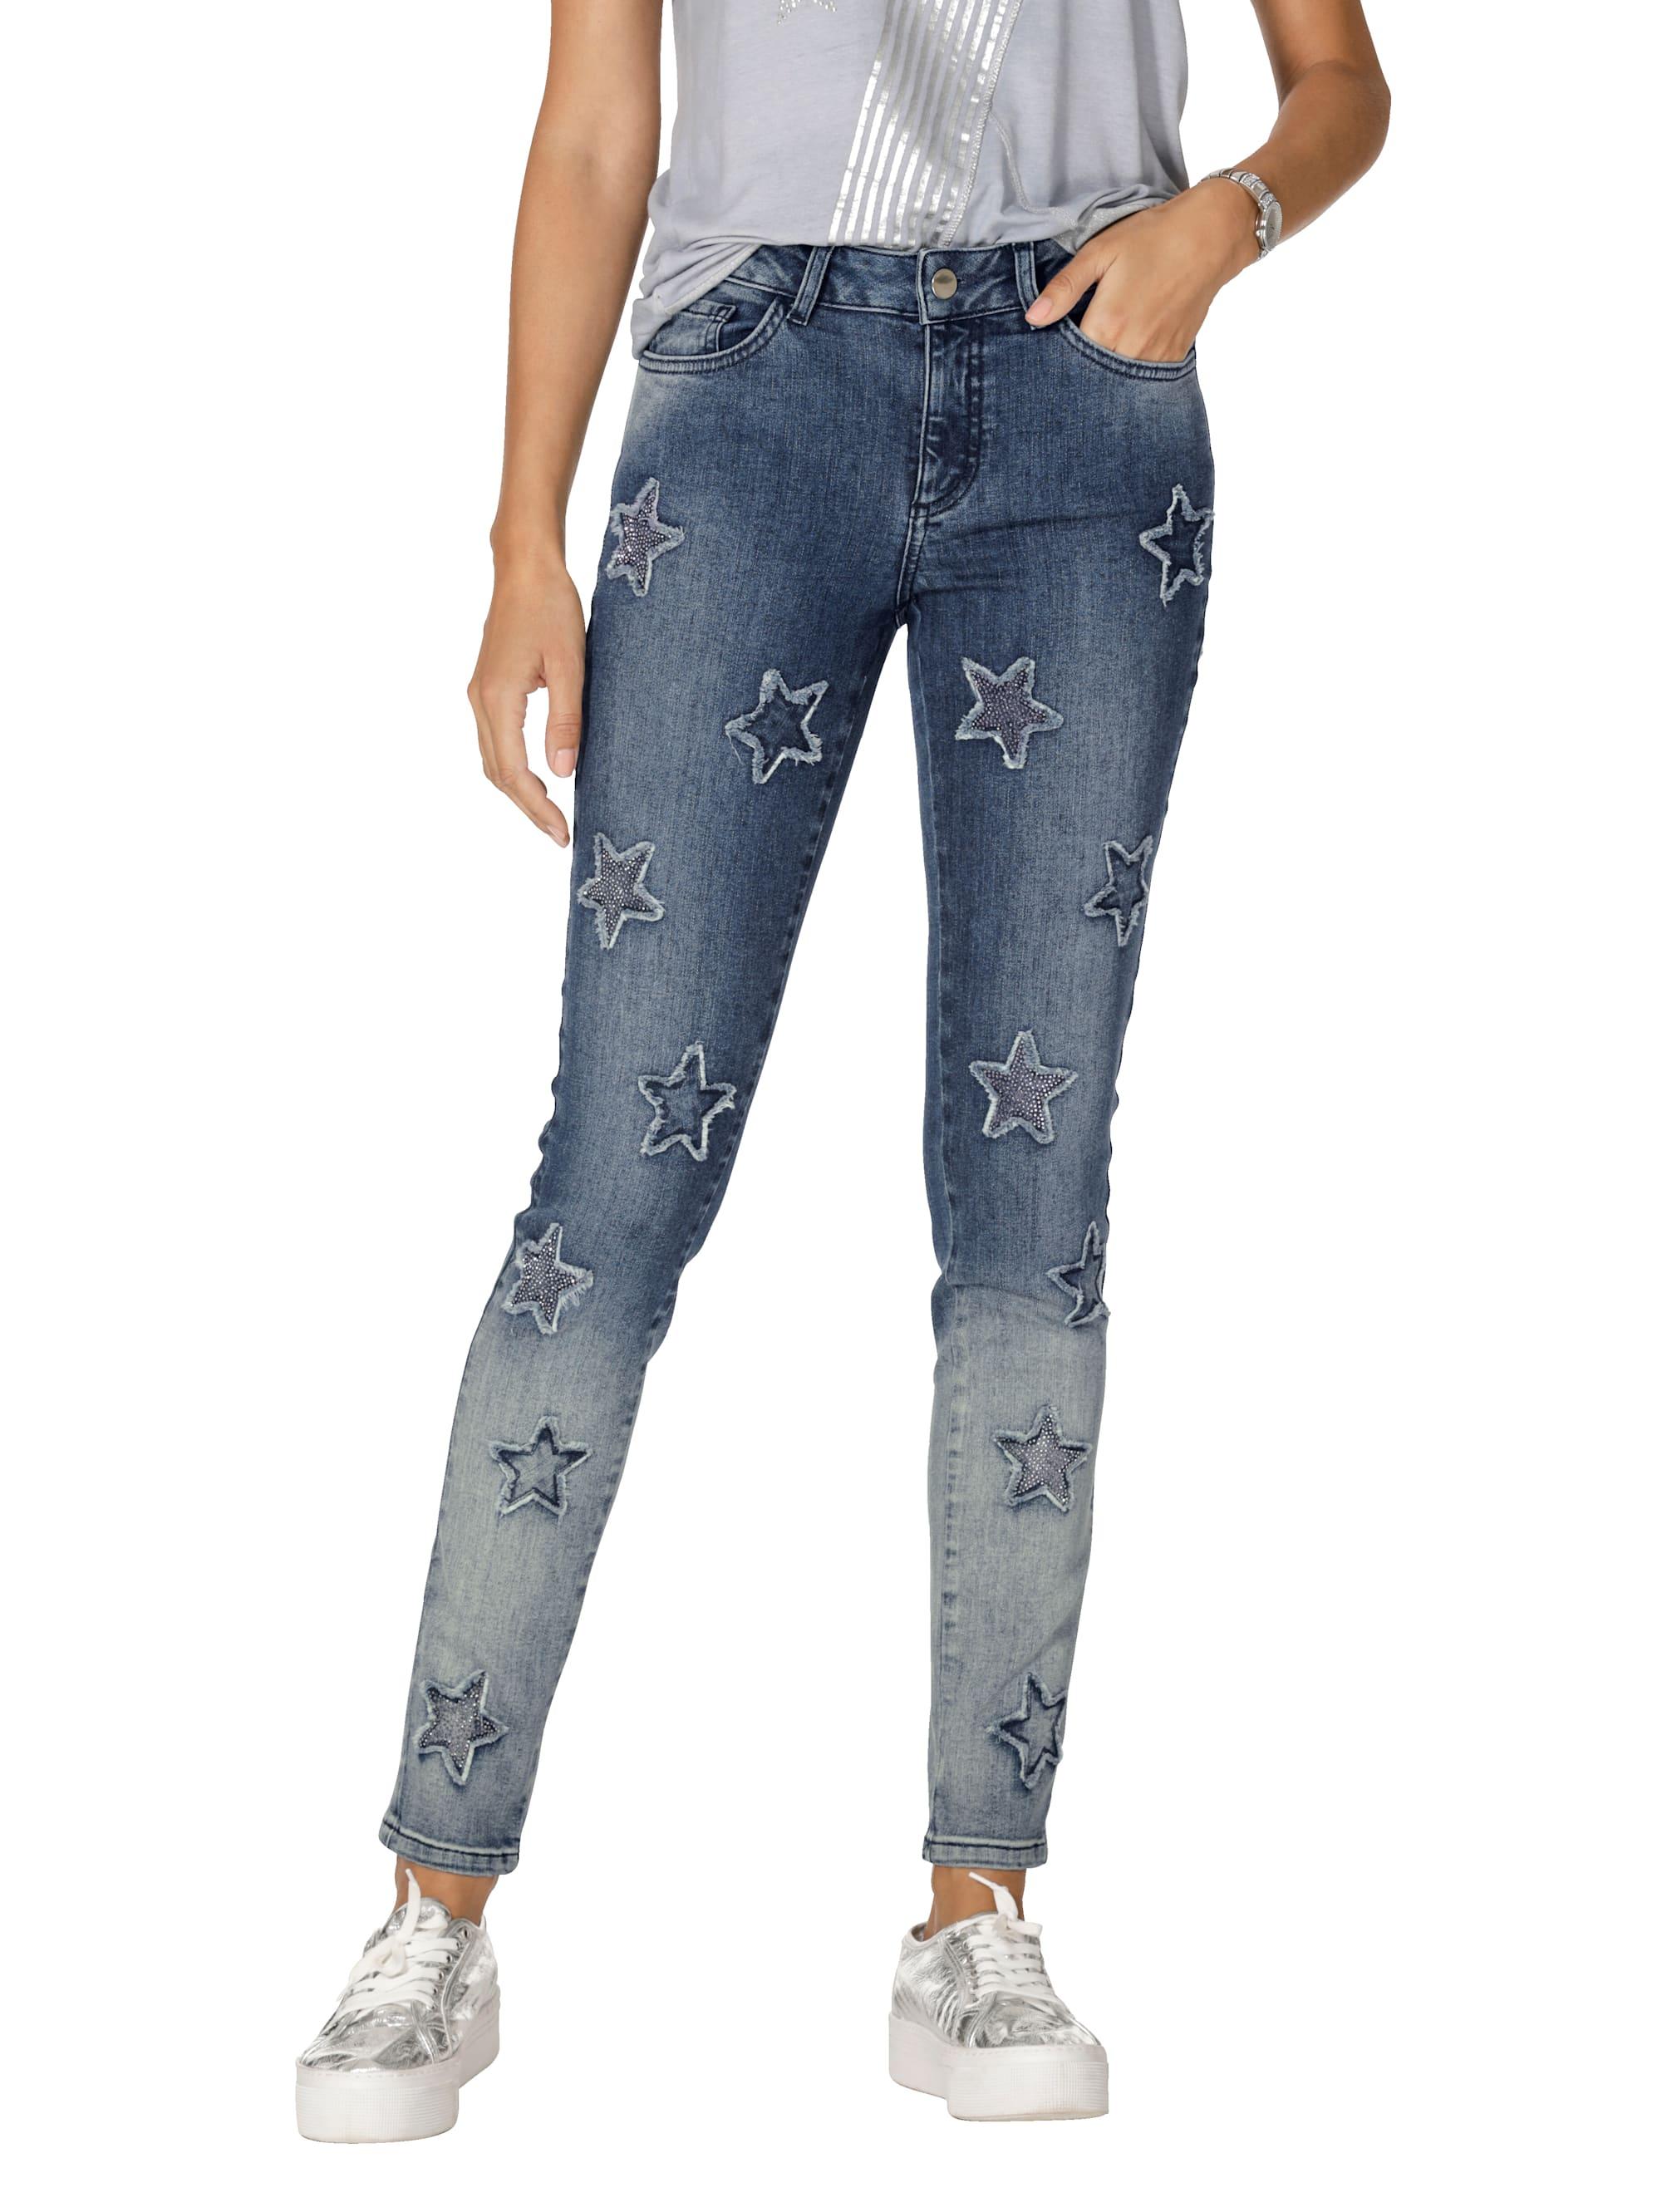 AMY VERMONT Jeans mit Sternen allover und Strasssteindekoration im Vorderteil 5OGwr b7NP6